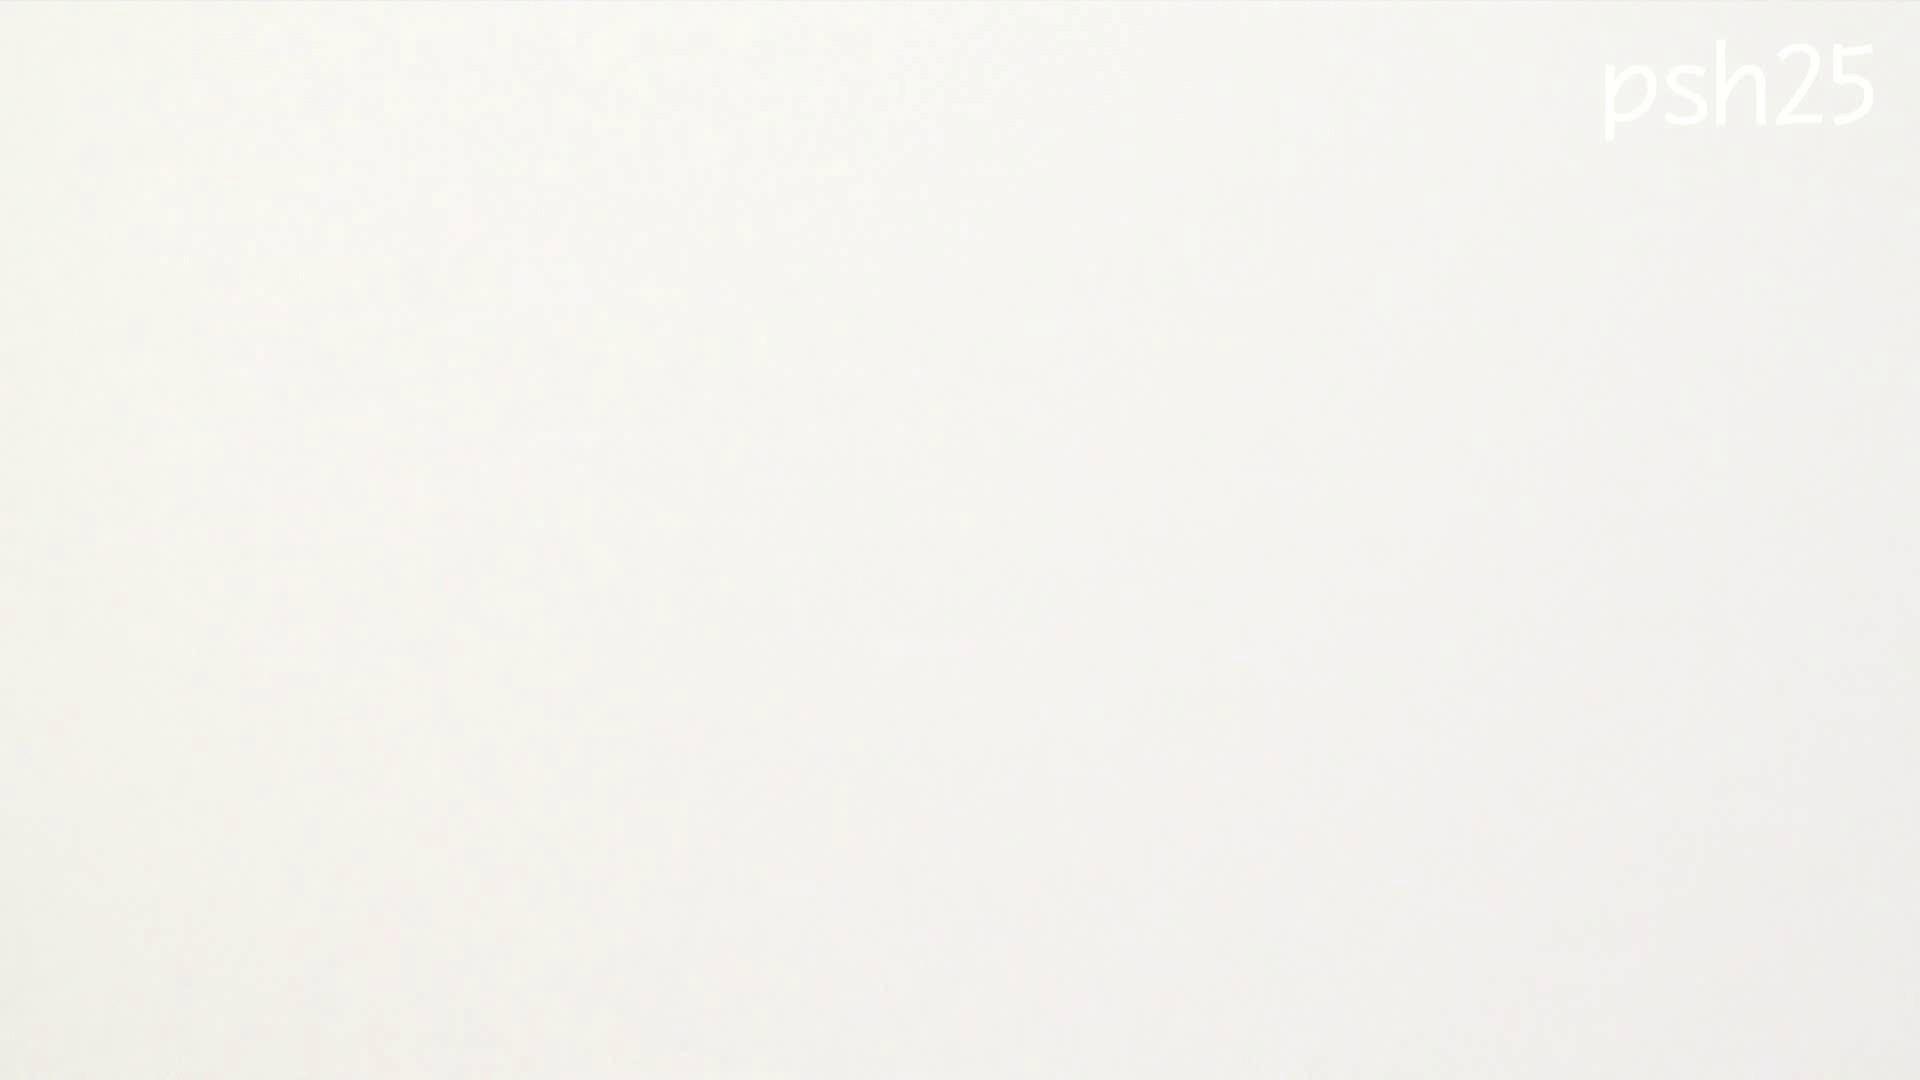 ▲復活限定▲ハイビジョン 盗神伝 Vol.25 洗面所のぞき すけべAV動画紹介 98枚 33